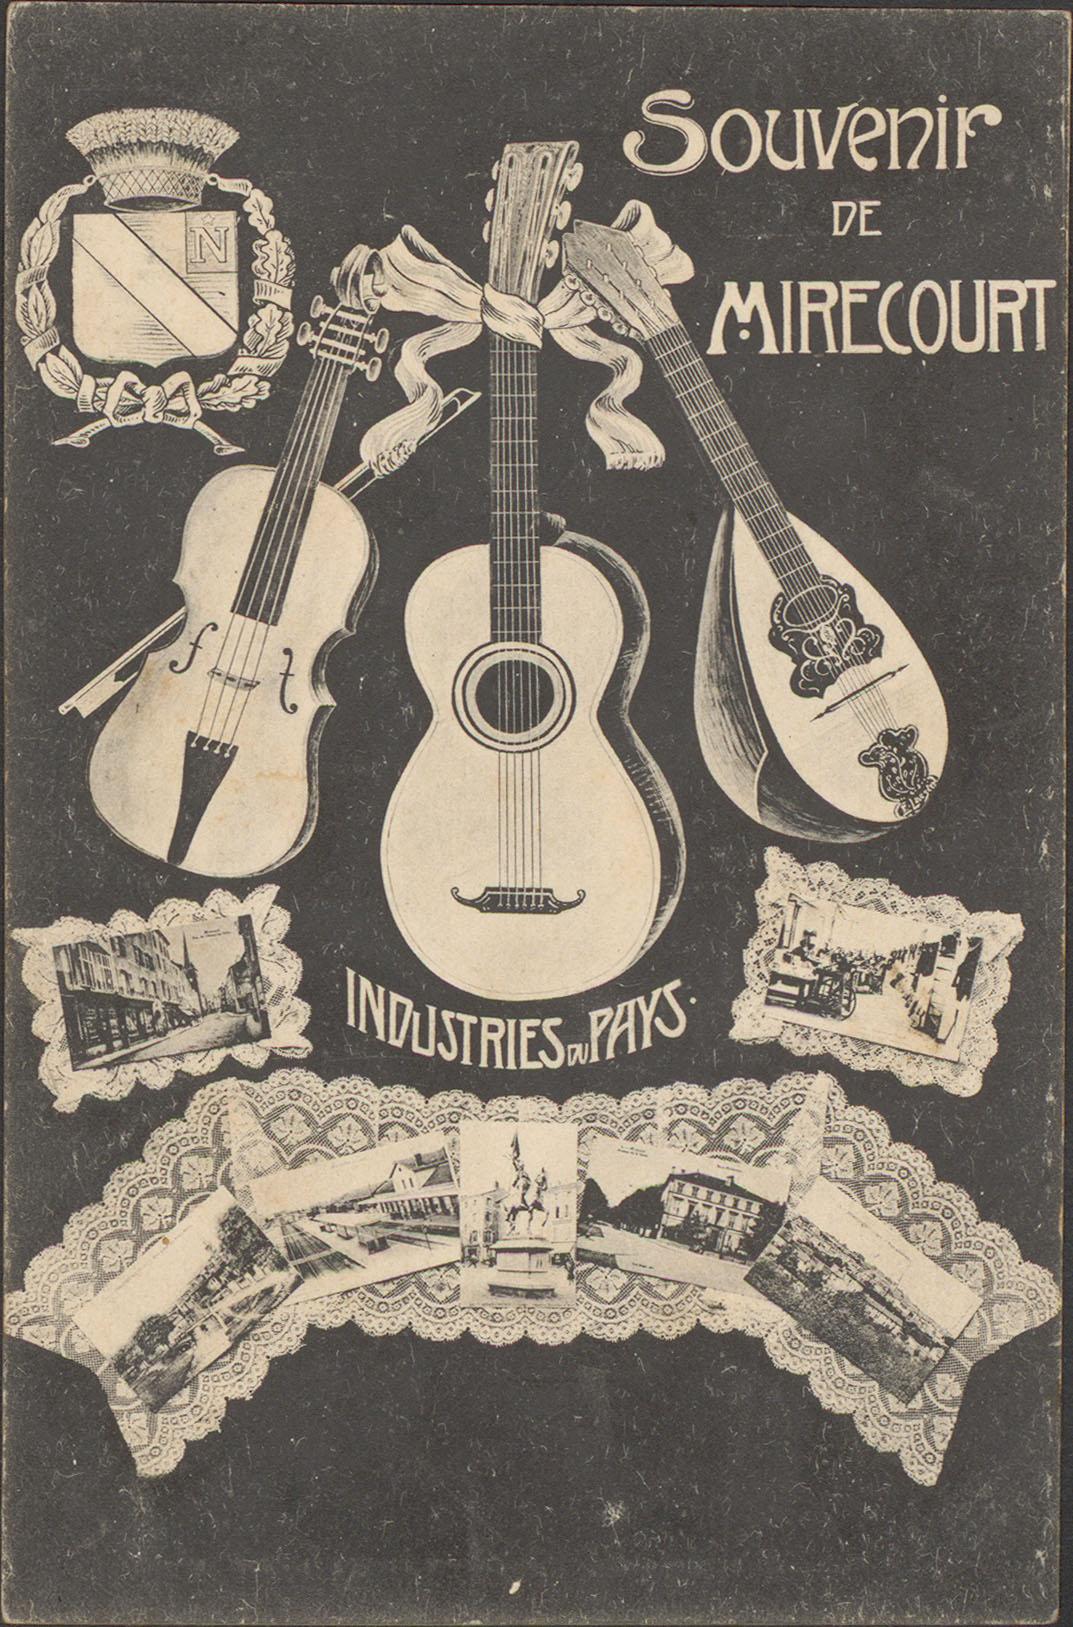 Contenu du Souvenir de Mirecourt, Industries du pays